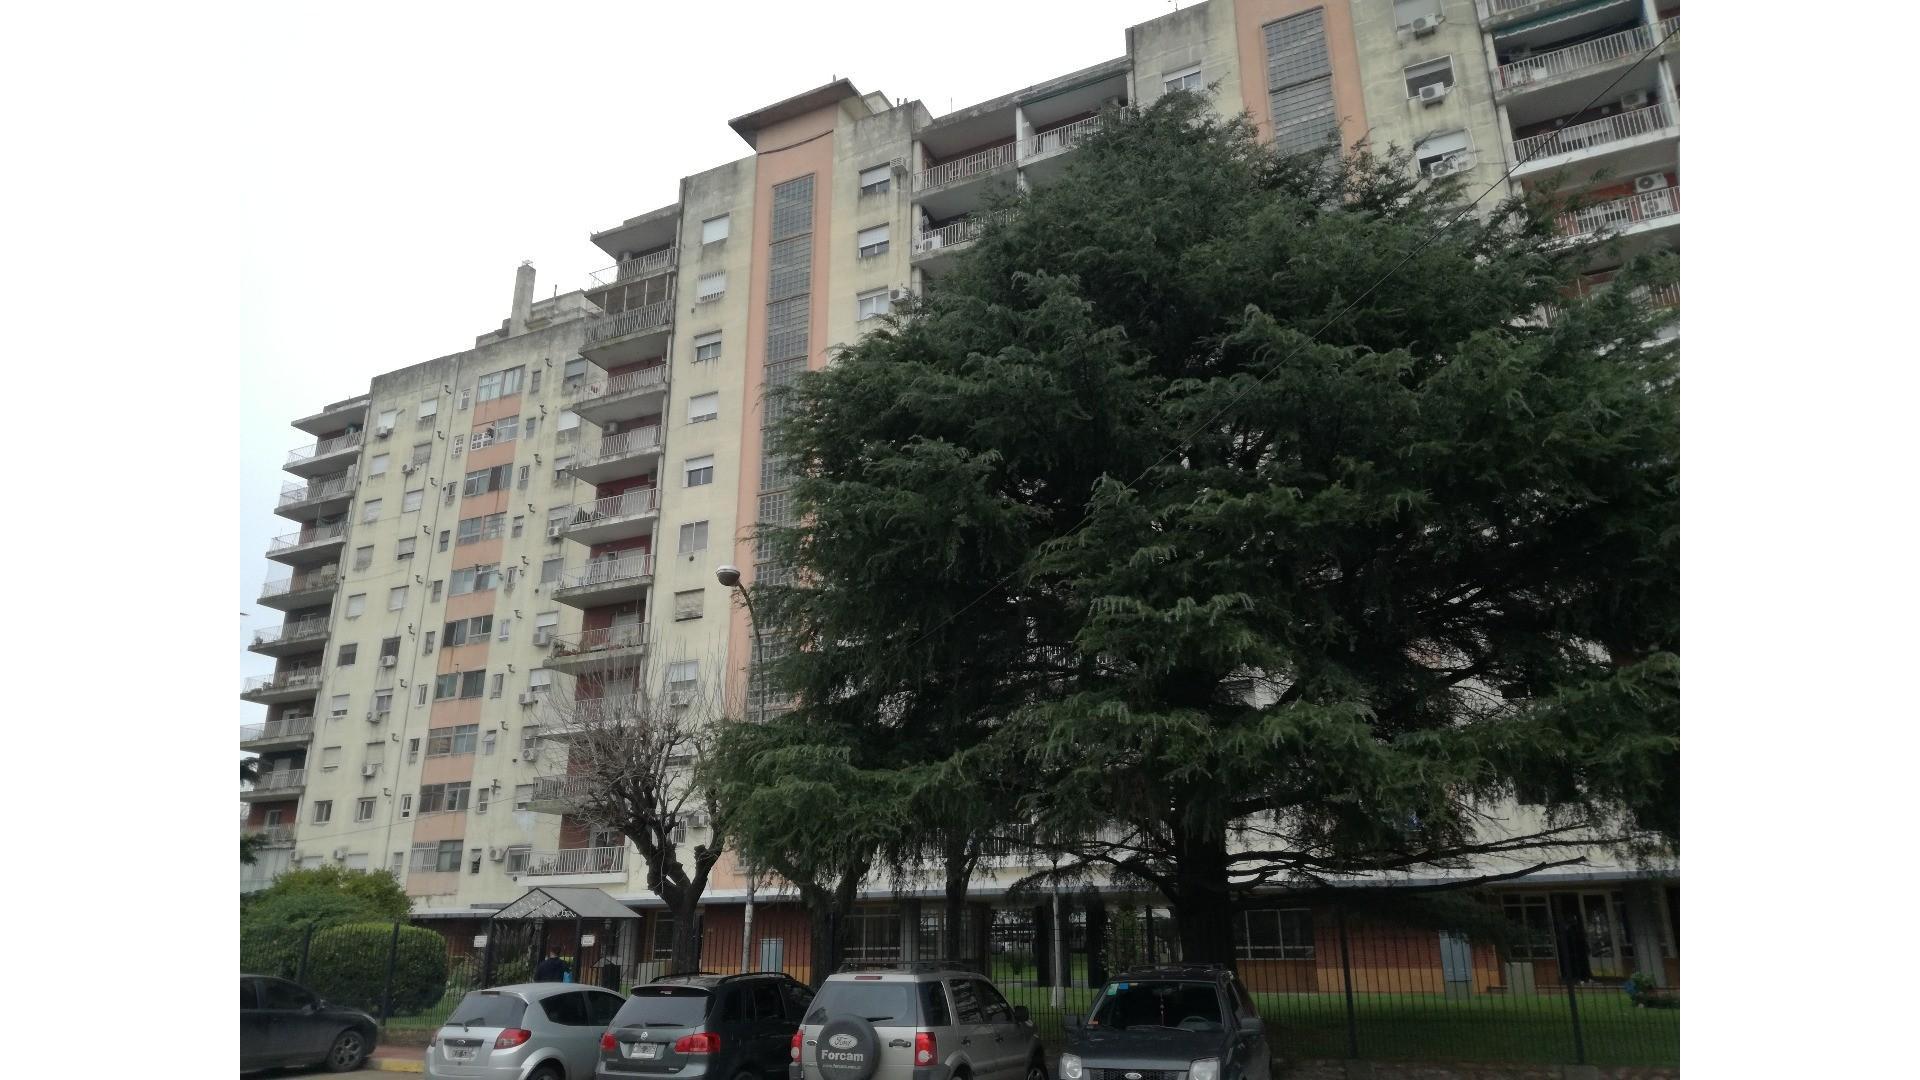 DEPARTAMENTO 3 AMBIENTES - 82 m² SOBRE AVDA. GRAL. PAZ - EXCELENETE UBICACION - COCHERA CUBIERTA